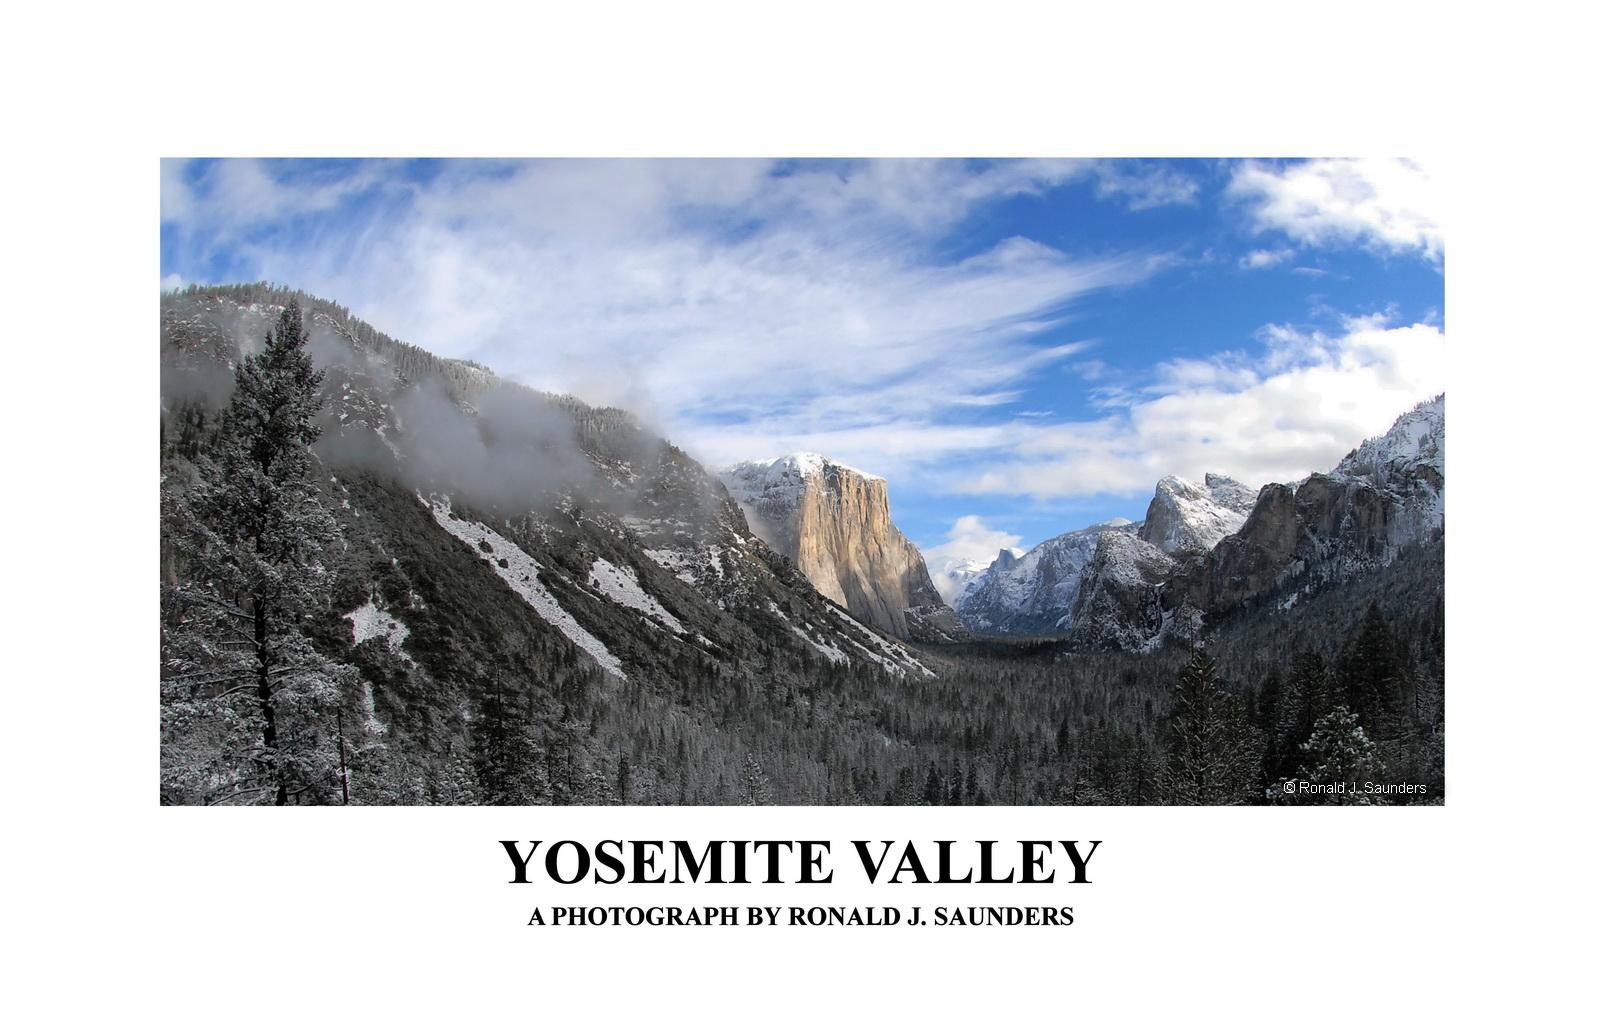 yosemite, half dome, el capita, poster, landscape, photo